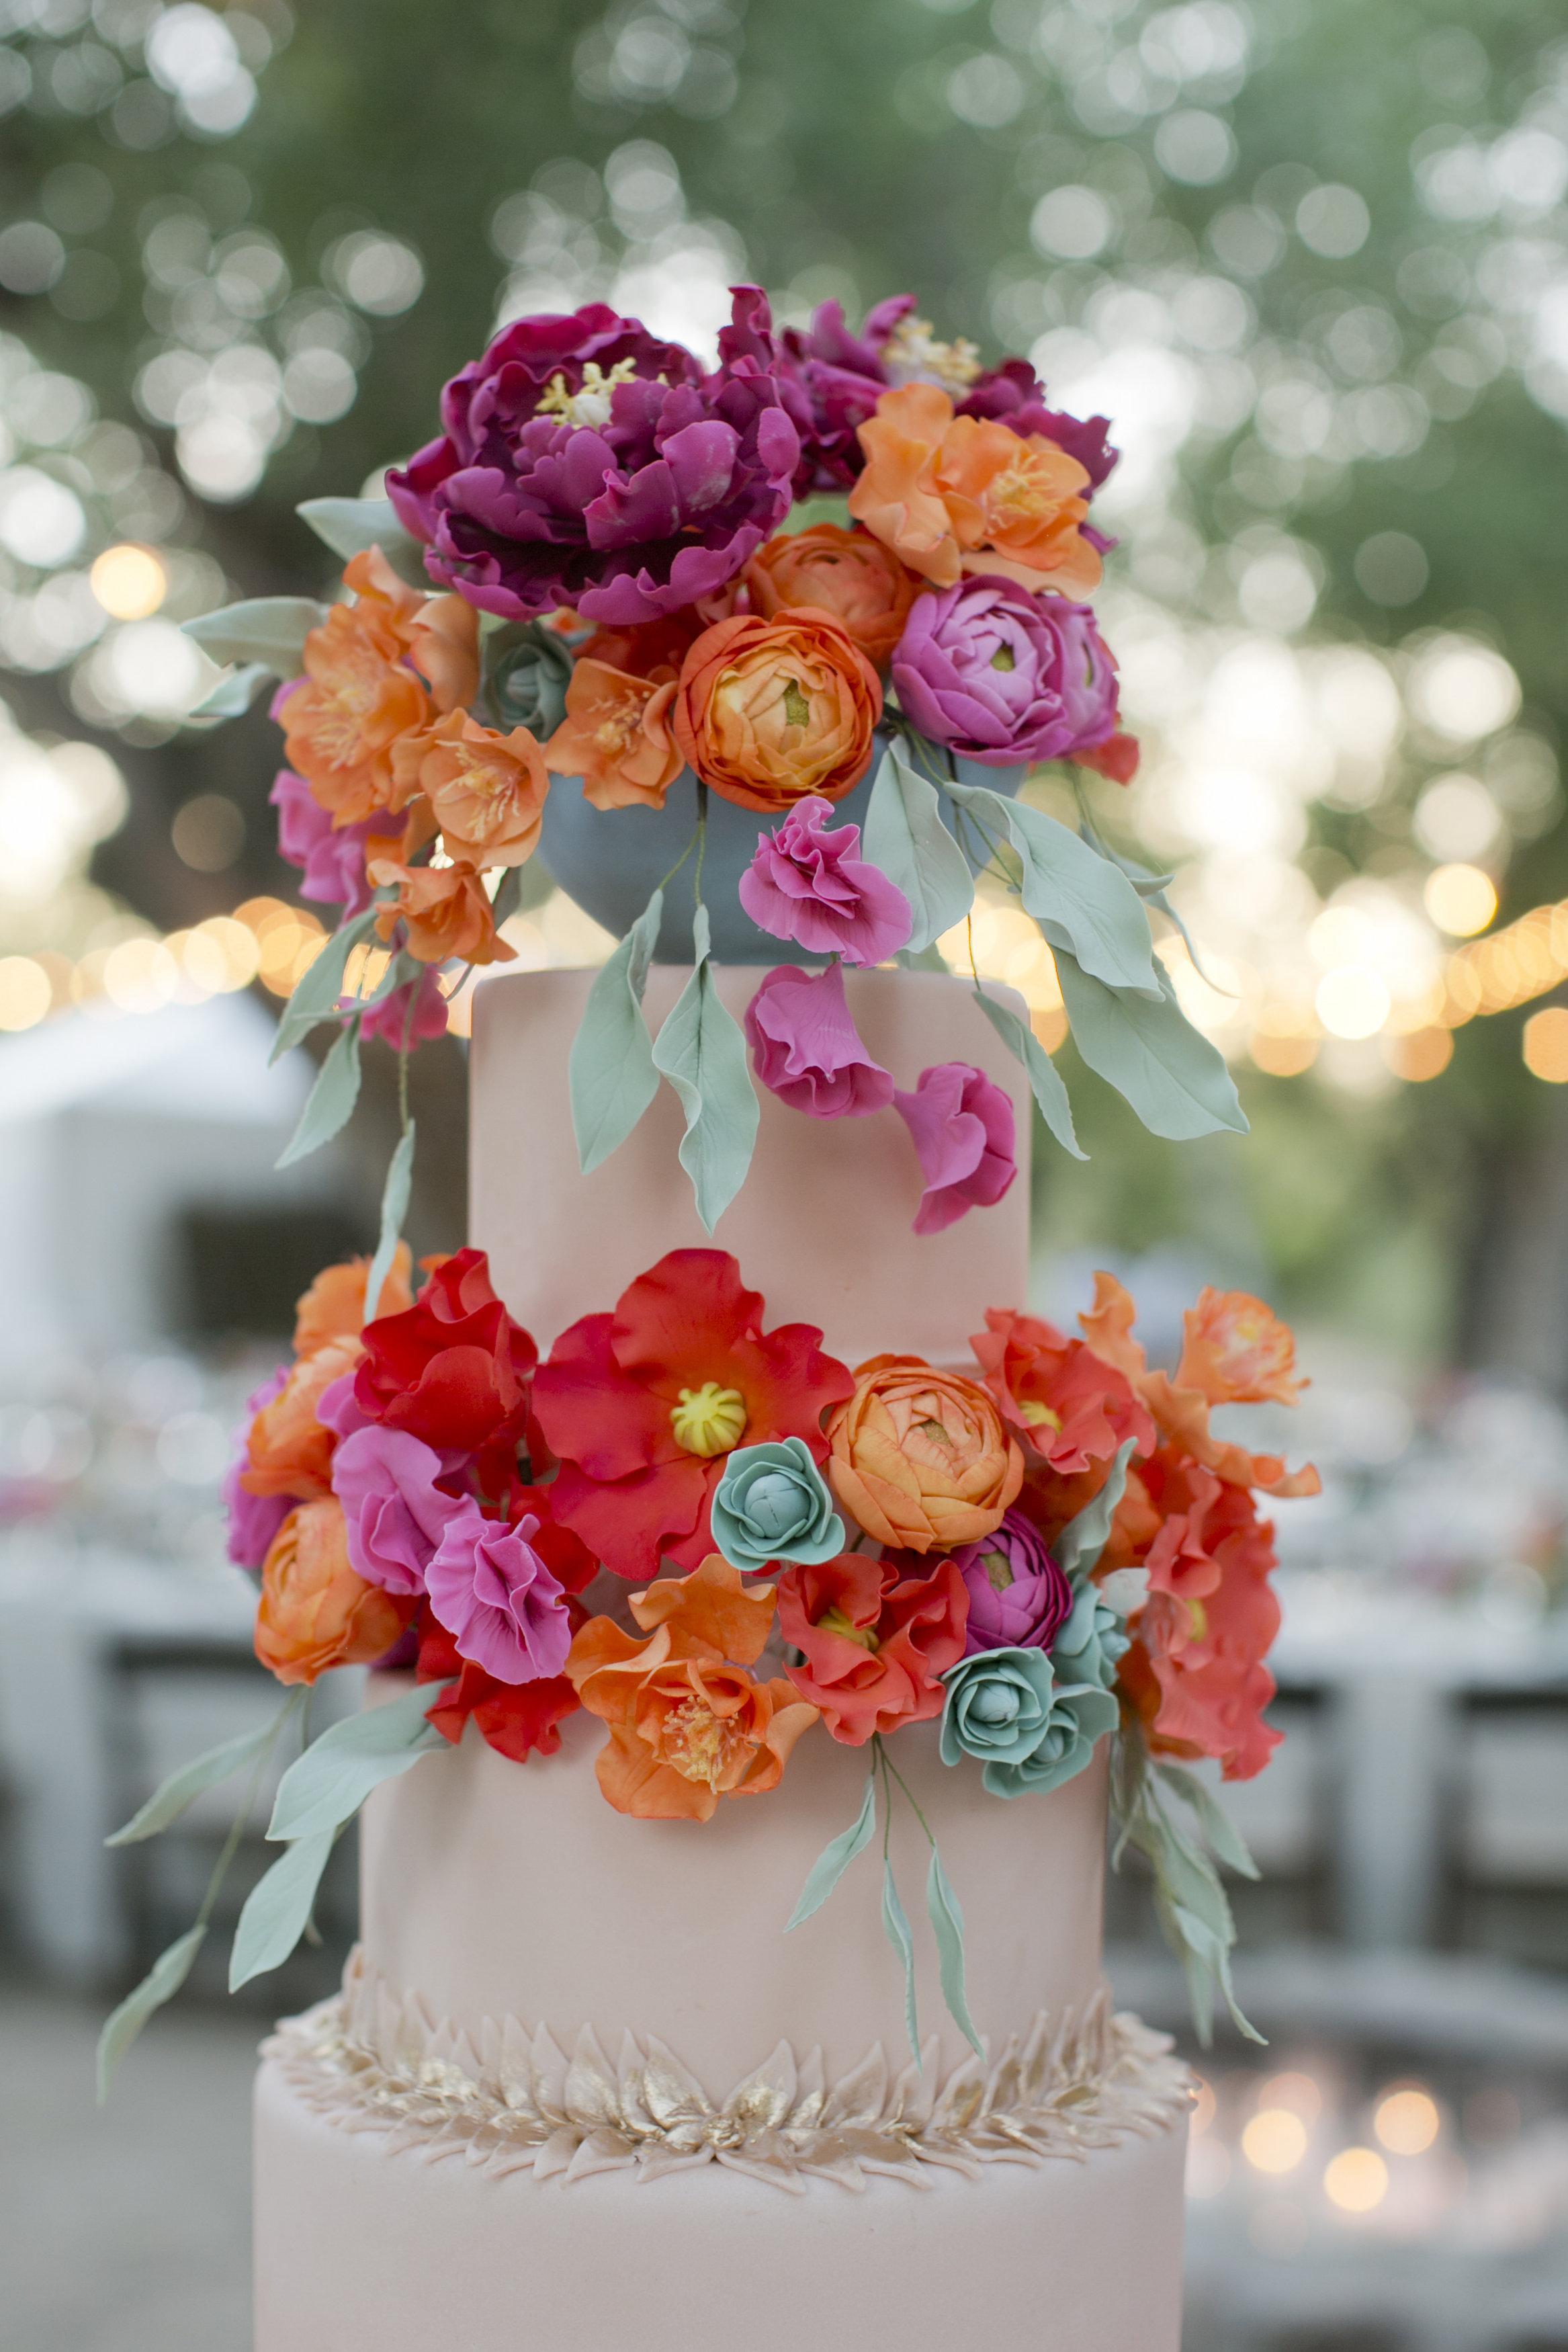 Ceci_New_York_Ceci_Style_Ceci_Johnson_Luxury_Lifestyle_Arizona_Wedding_Watercolor_Inspiration_Design_Custom_Couture_Personalized_Invitations_144.jpg